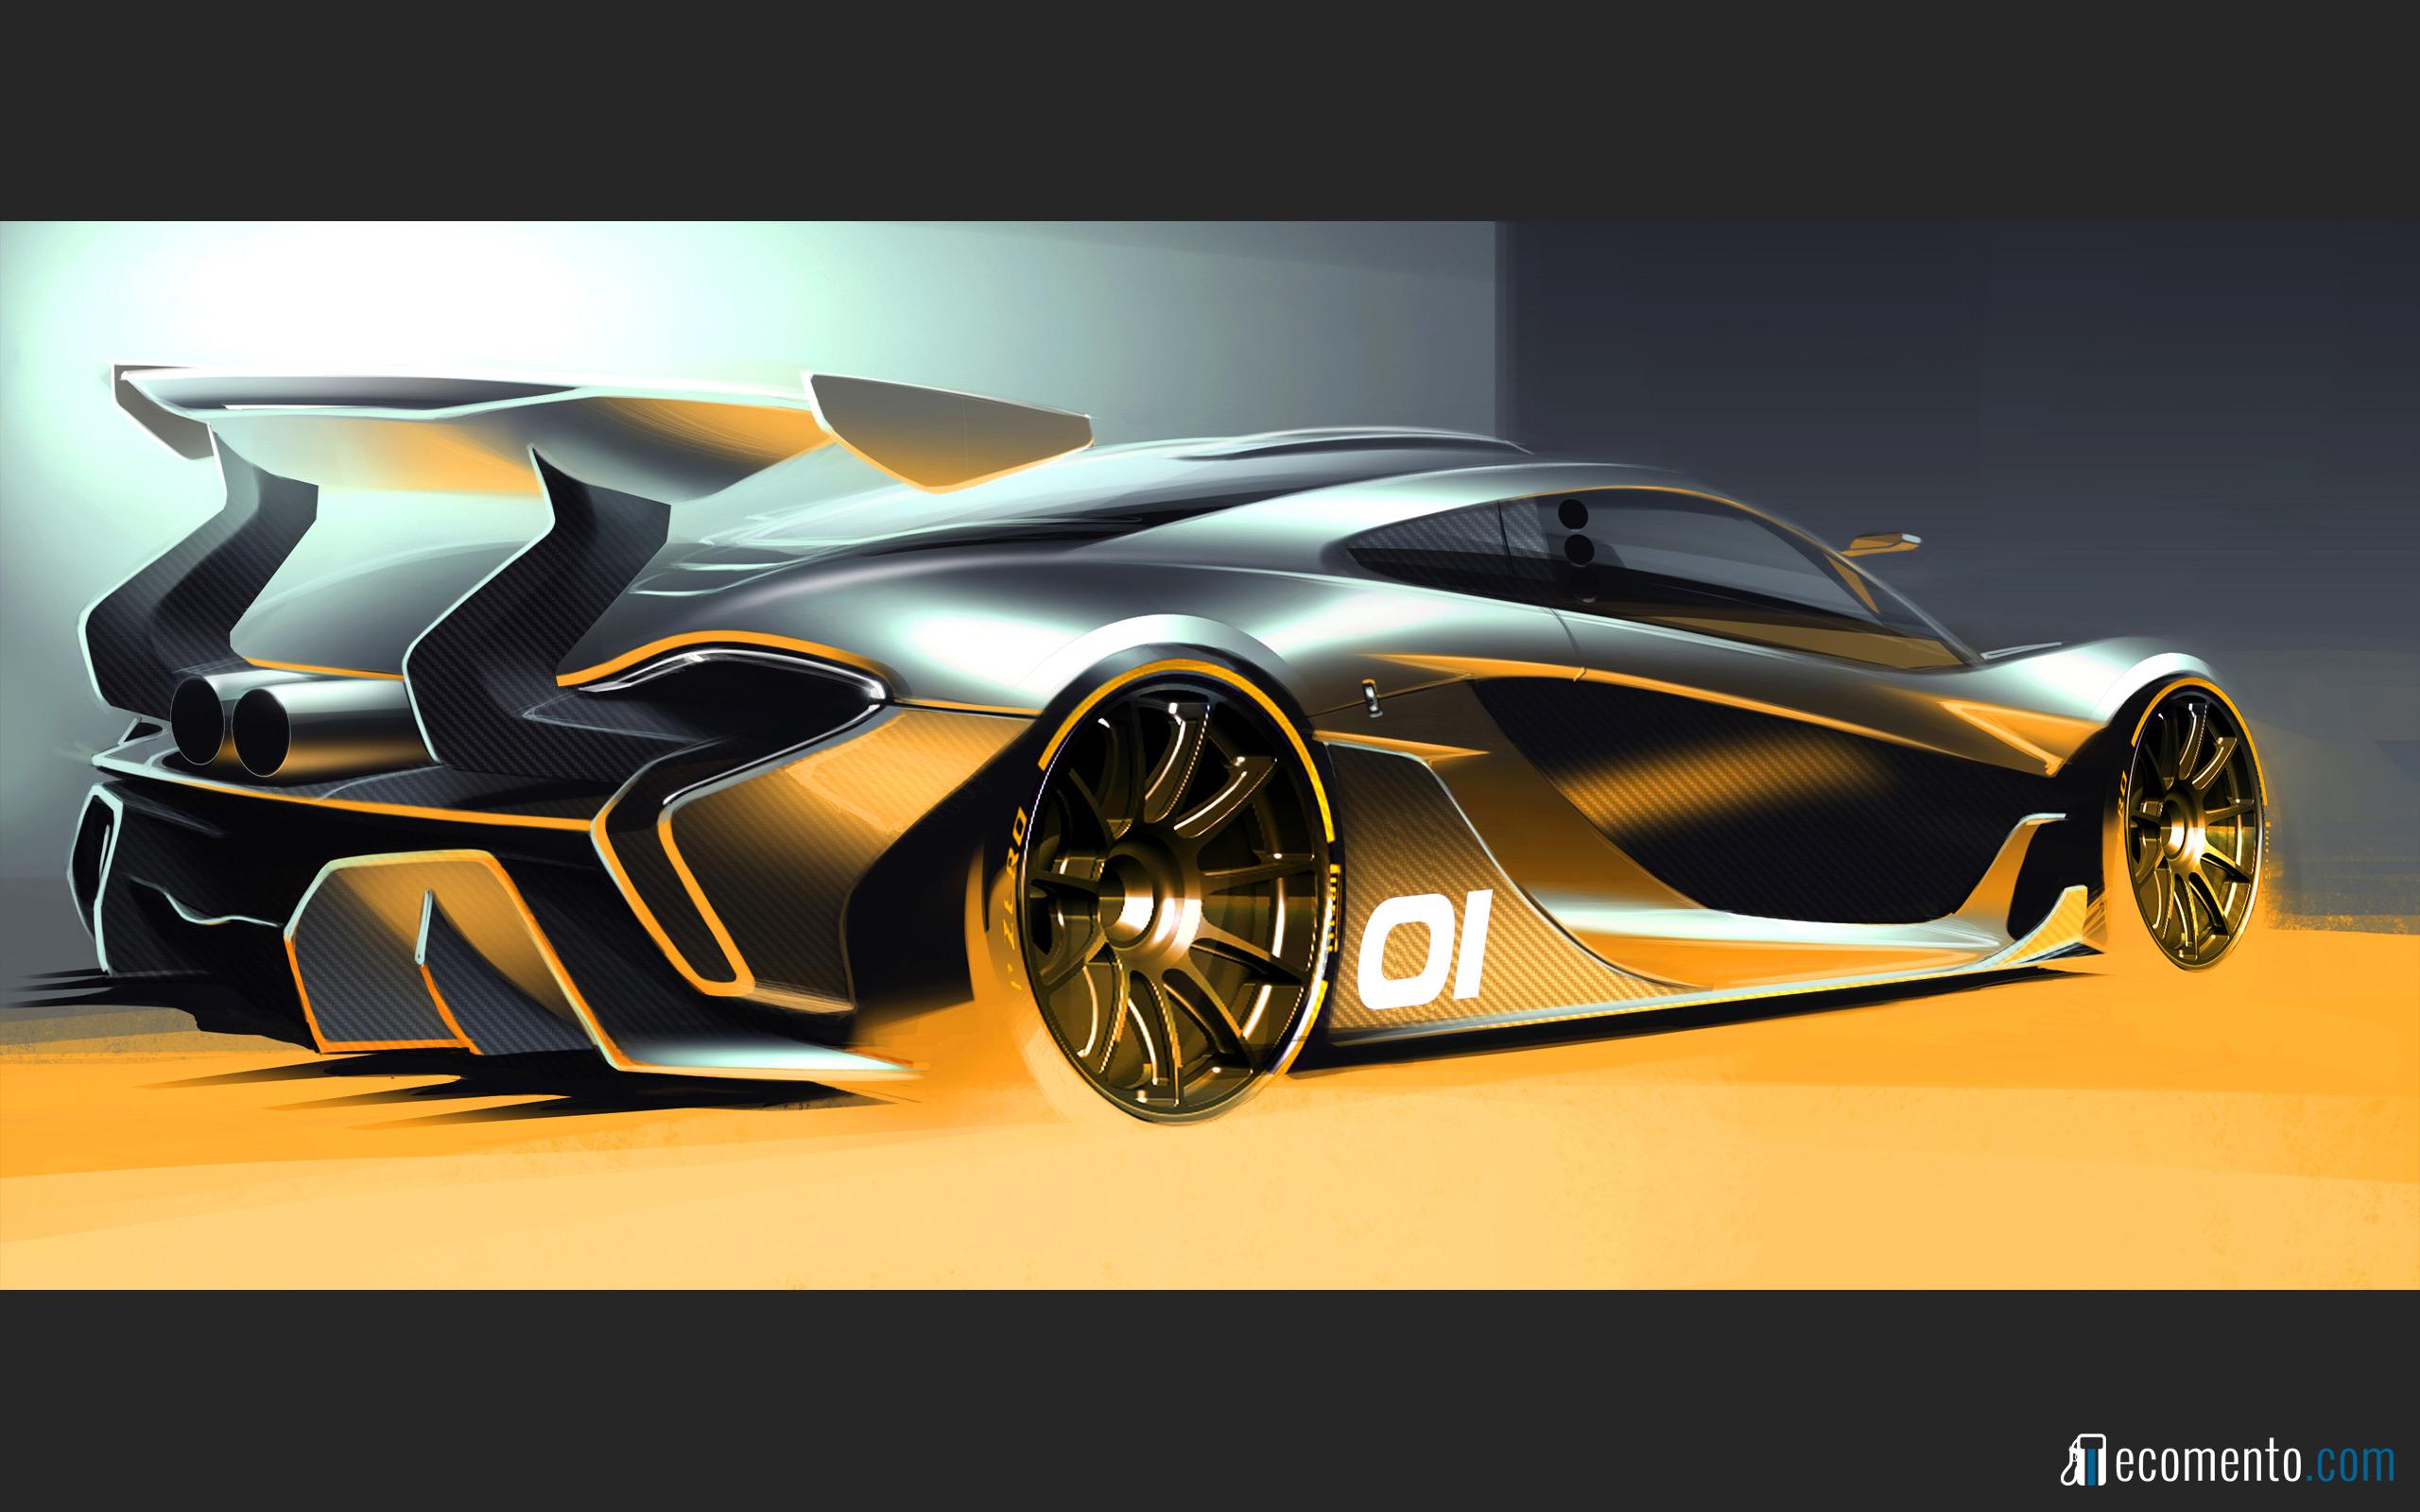 McLaren P1 GTR wallpaperjpg 2560x1600